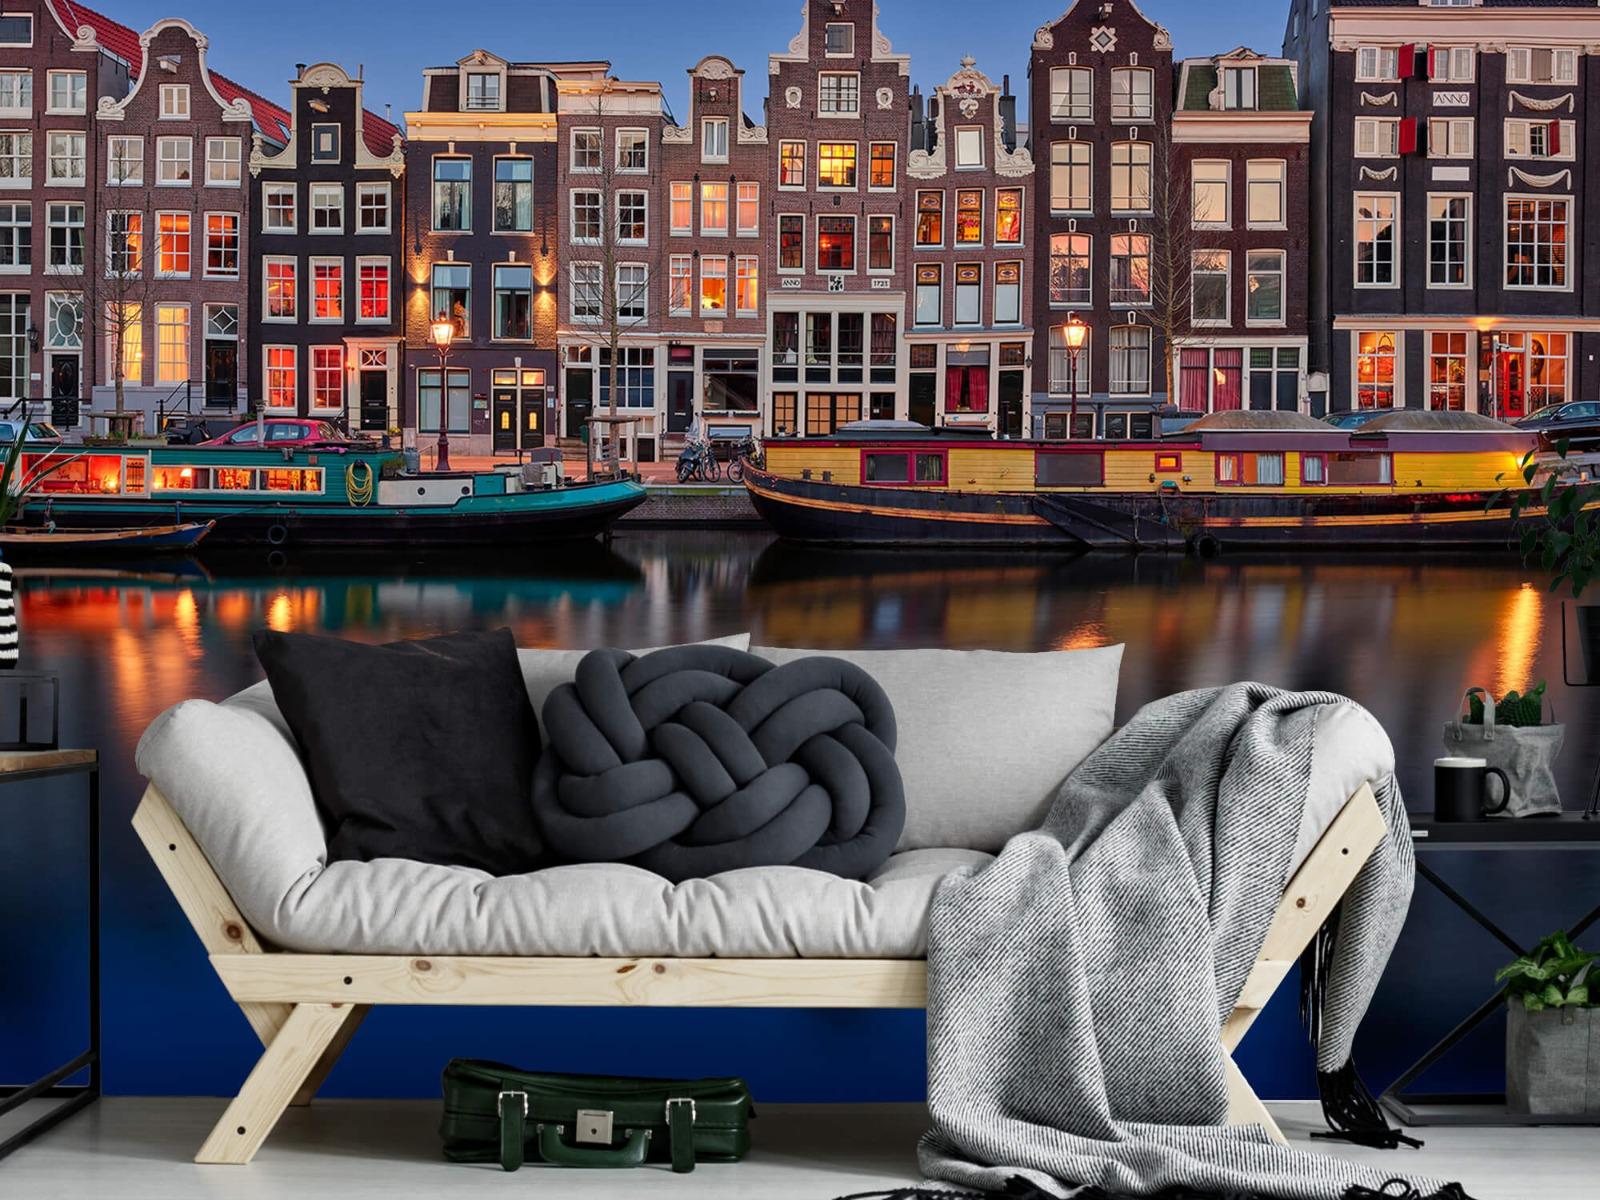 Architectuur - Grachtenpanden Amsterdam - Tienerkamer 6